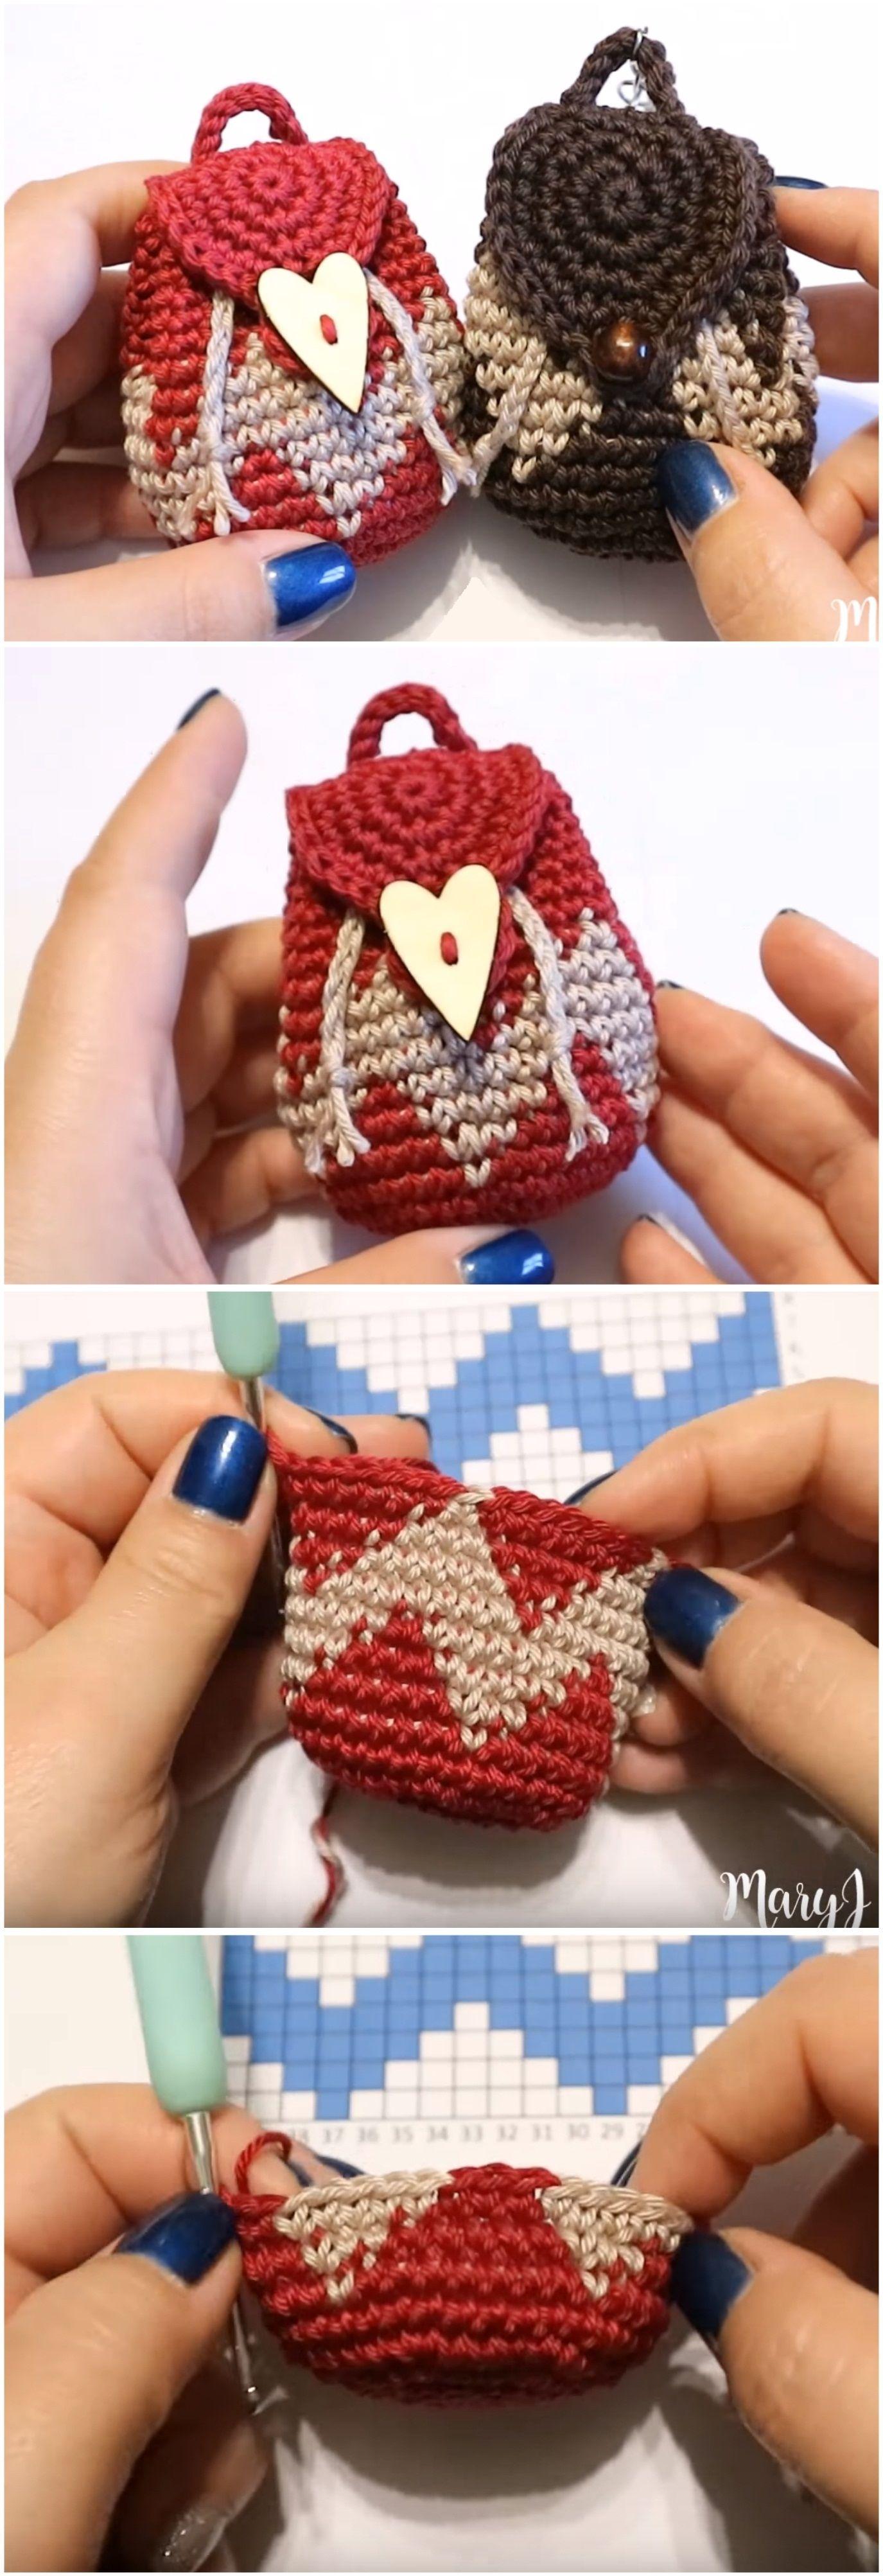 Crochet Tapestry Mini Backpack Purse   Häkeln, Handarbeiten und Stricken